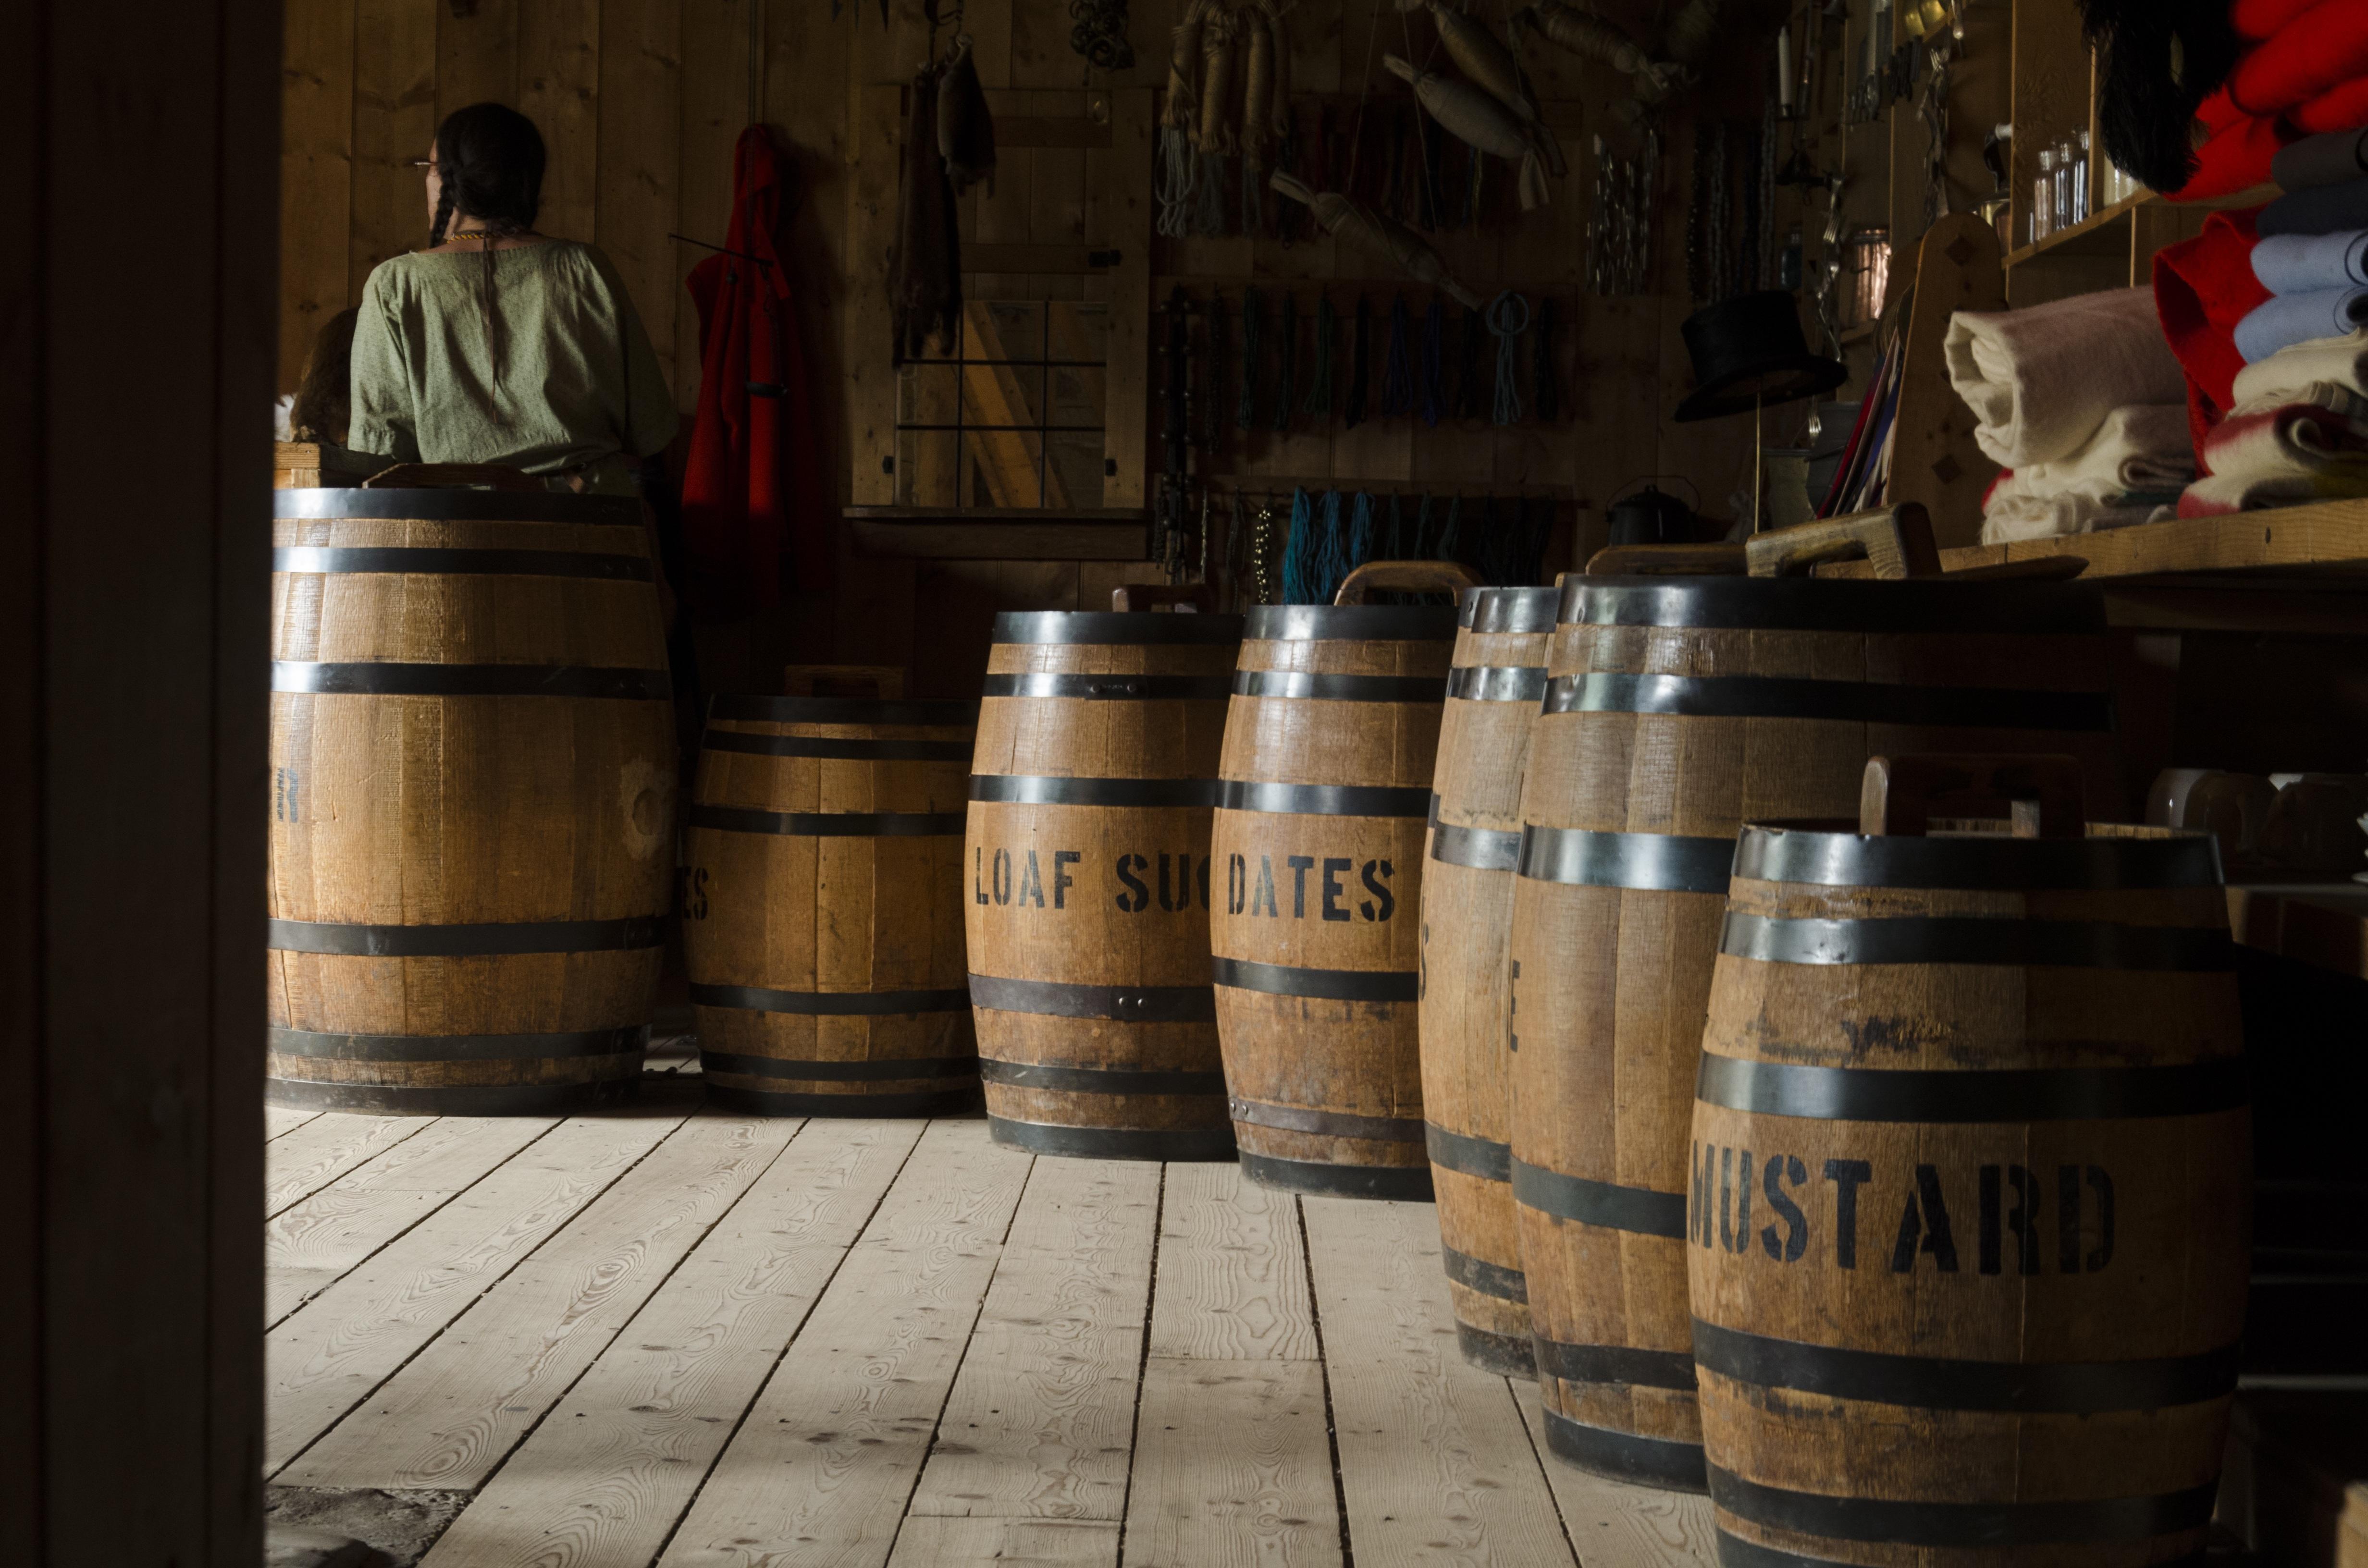 Kostenlose foto : Holz, Getränk, Lagerung, Tempel, hölzern, Fässer ...